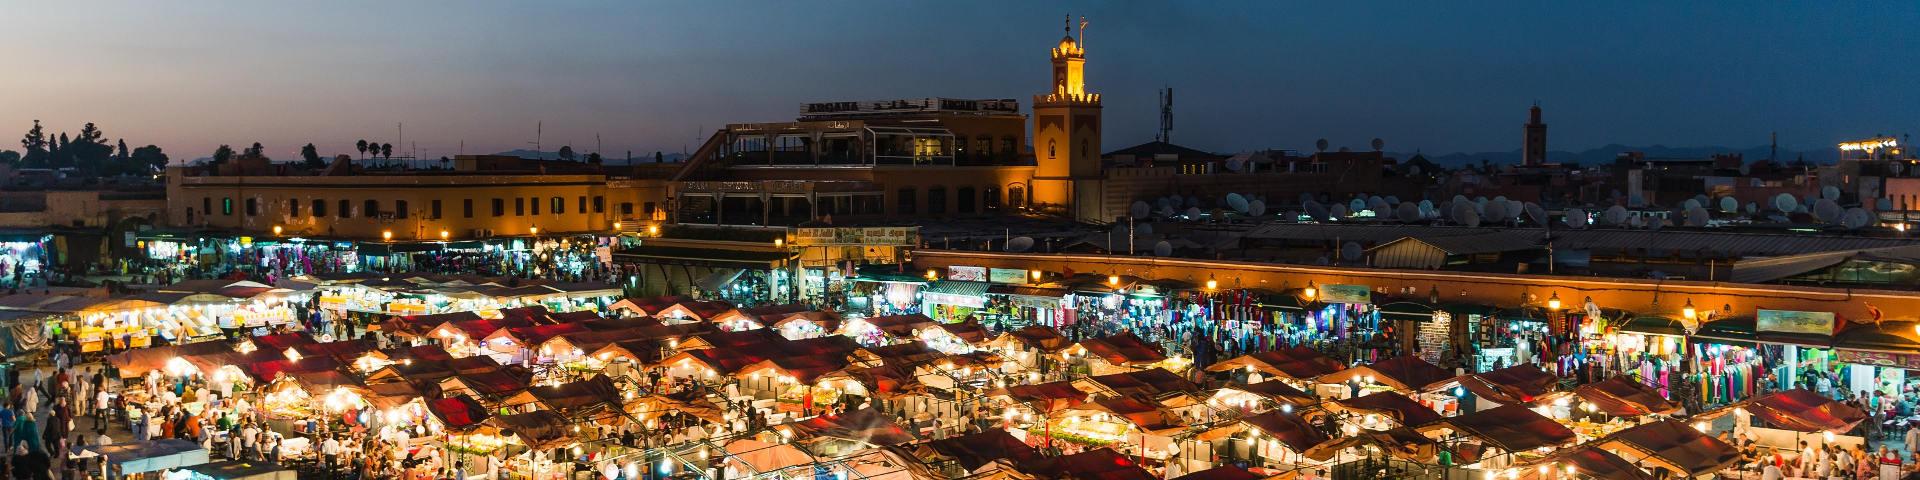 Marrakech hero